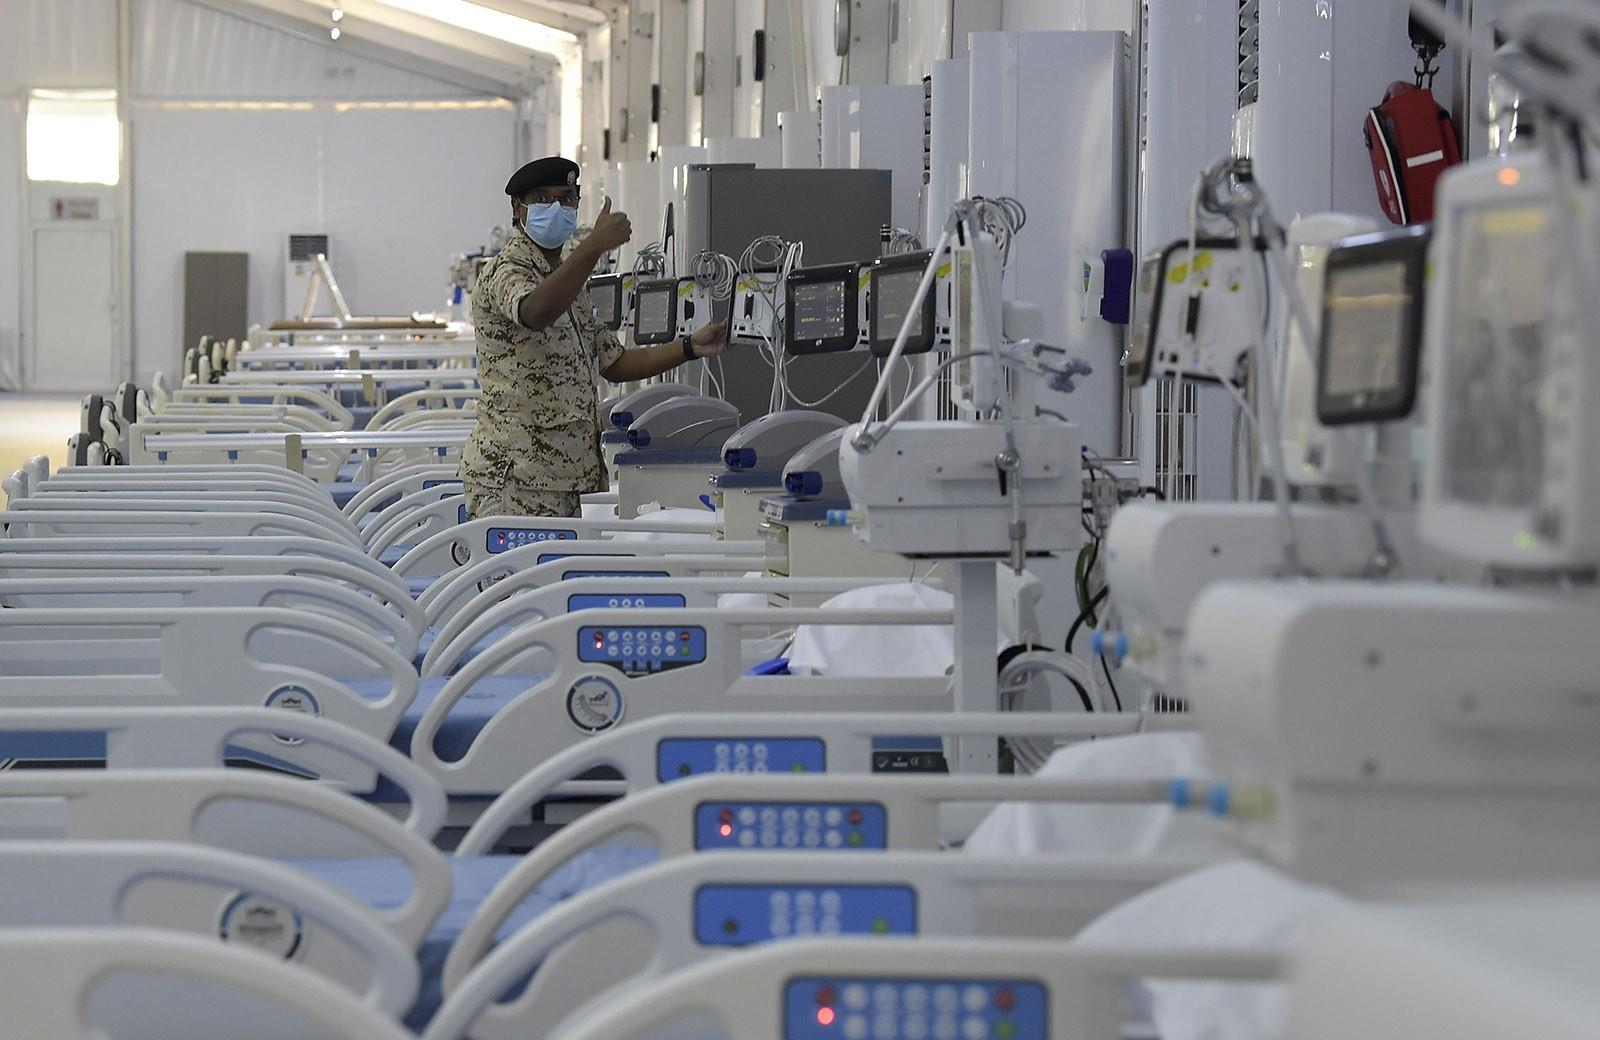 الصحة: إجراء 8280 فحص يوم السبت.. ورصد 447 إصابة جديدة بكورونا وتعافي 641 حالة